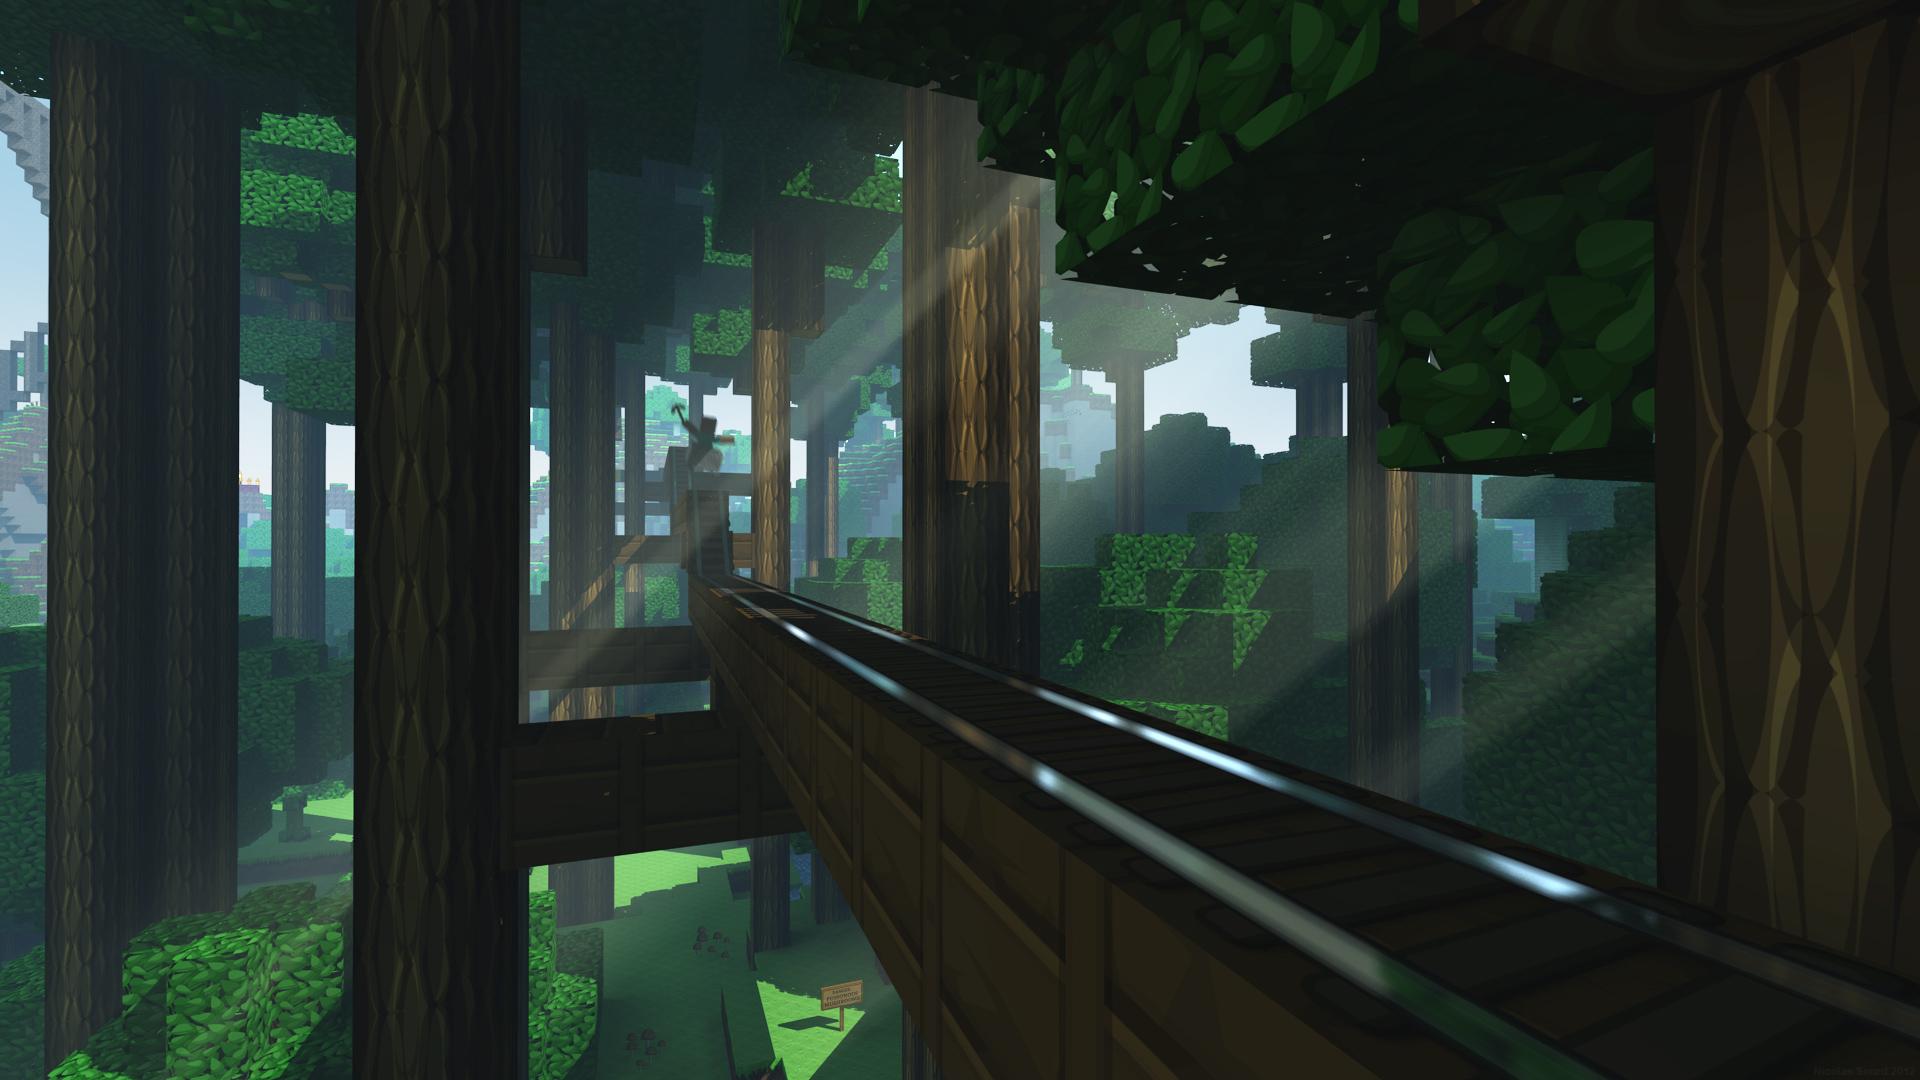 fond-d-écran-minecraft-rail